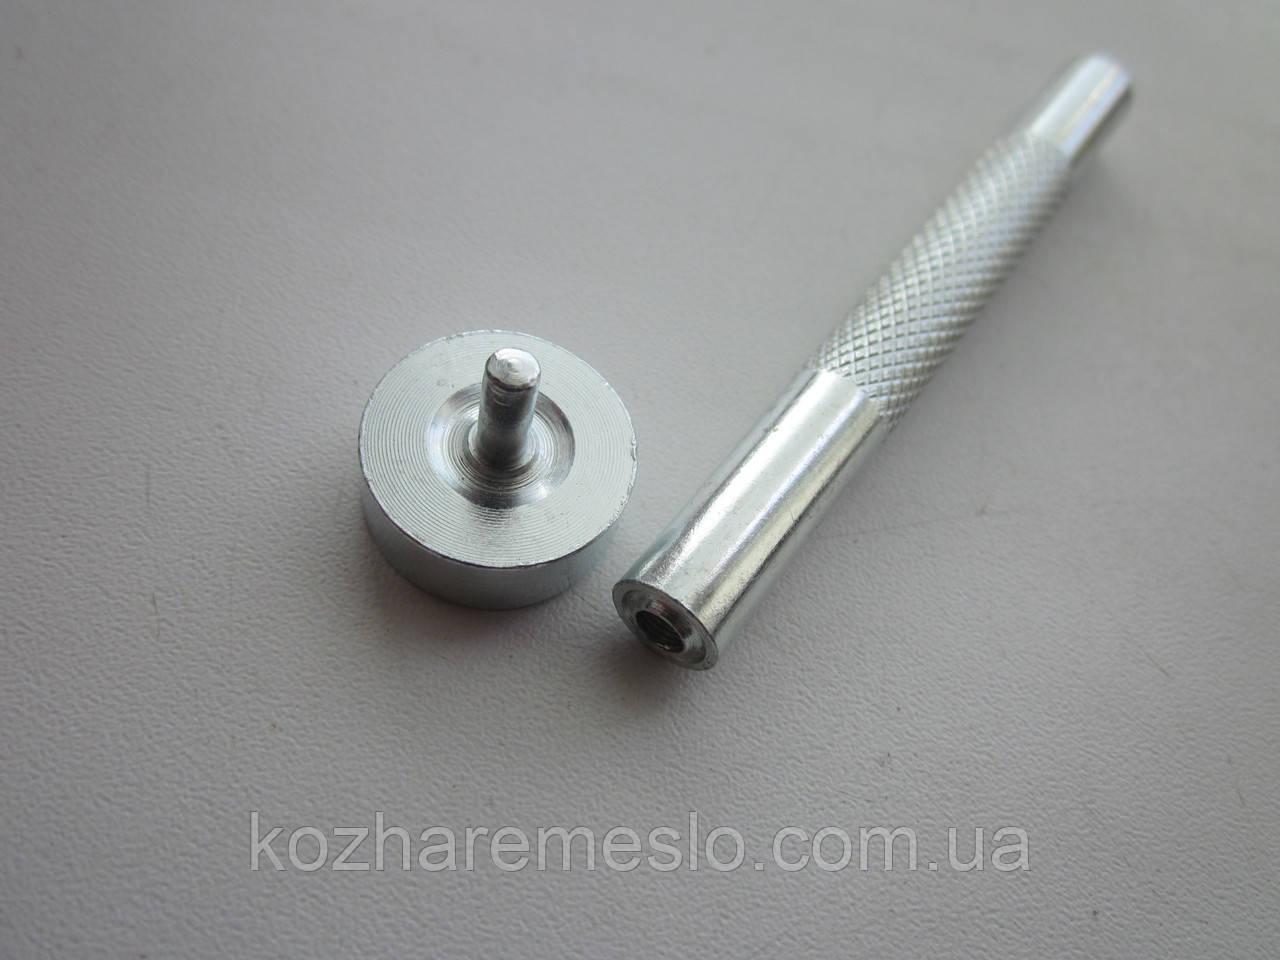 Інструмент для установки люверса 5 мм (10 х 6 х 4,8 мм)